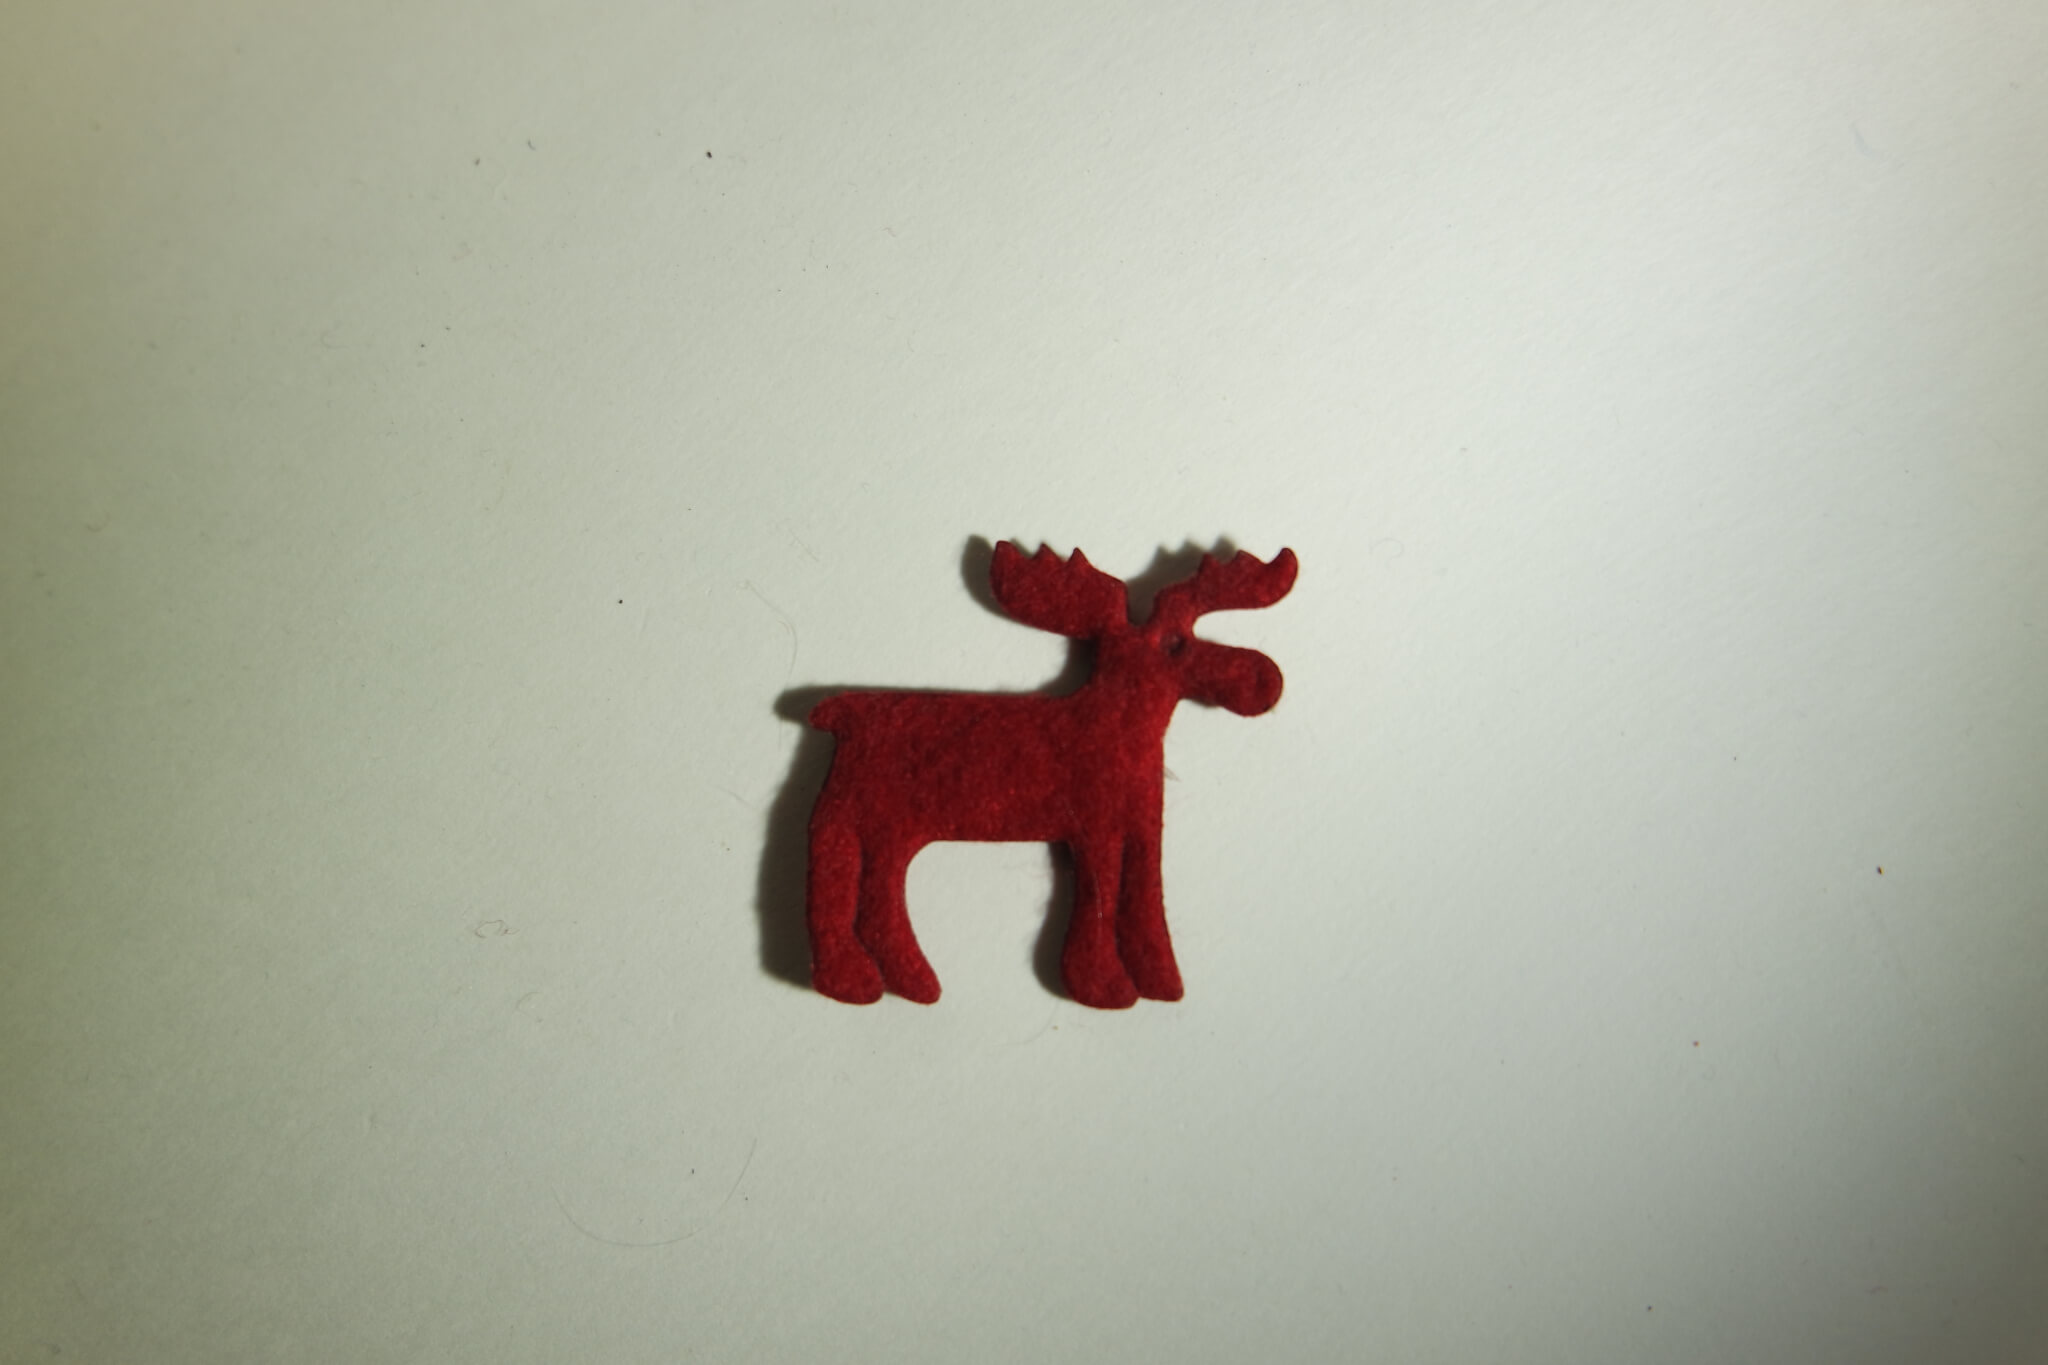 Ein Miniatur Elch aus rotem Stoff